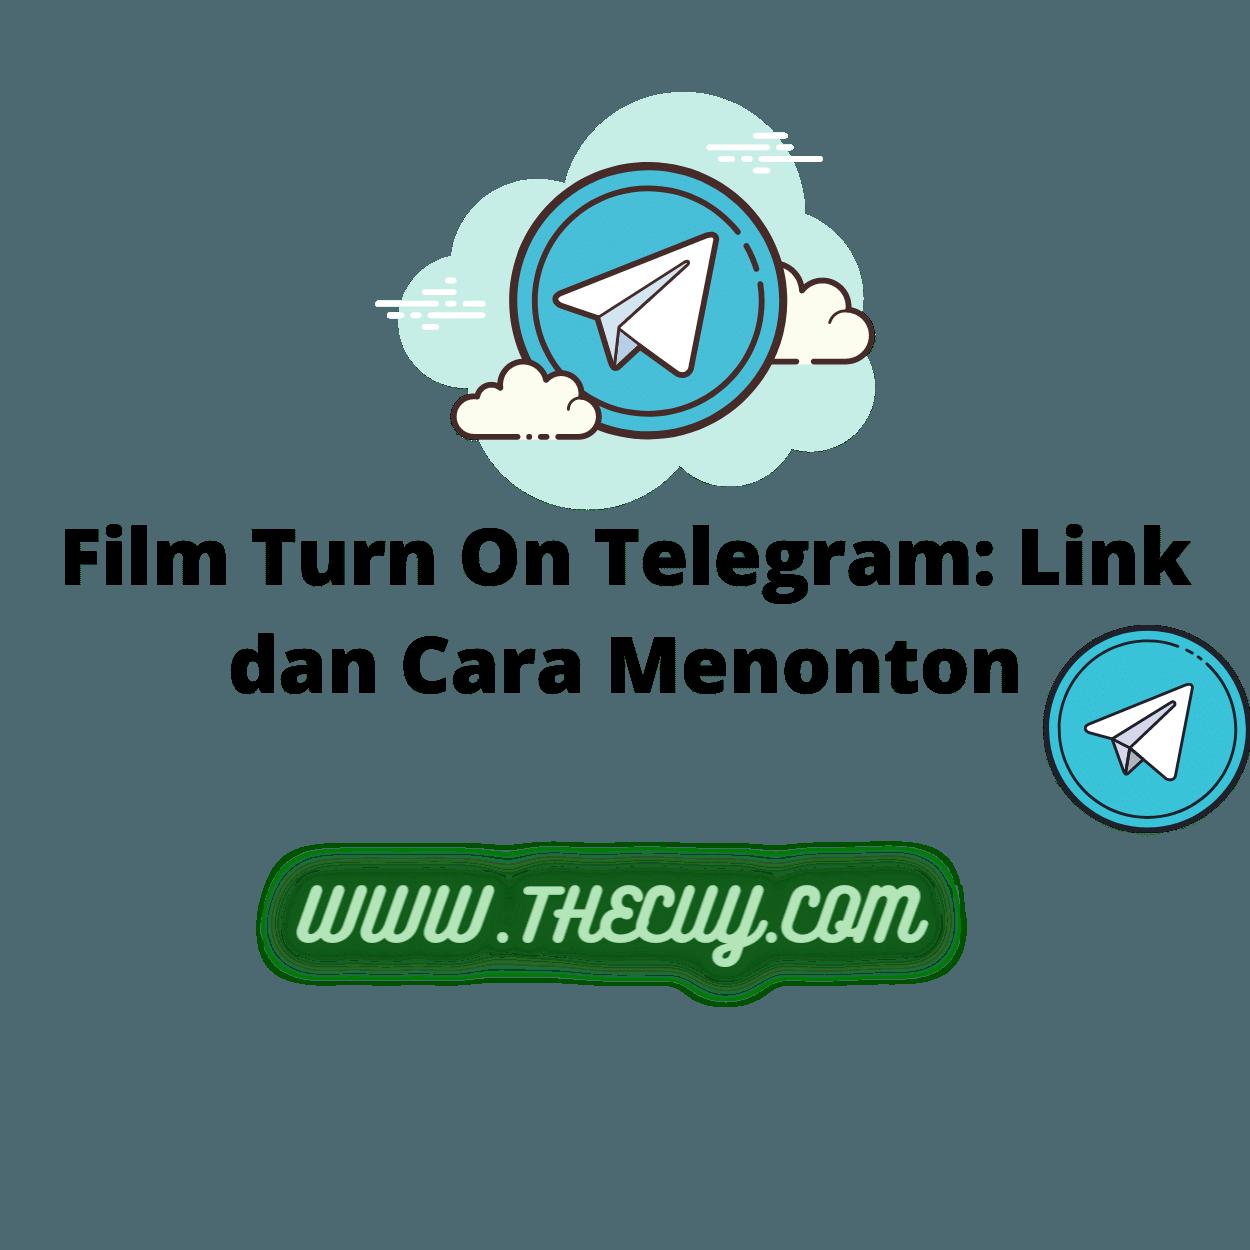 Film Turn On Telegram: Link dan Cara Menonton